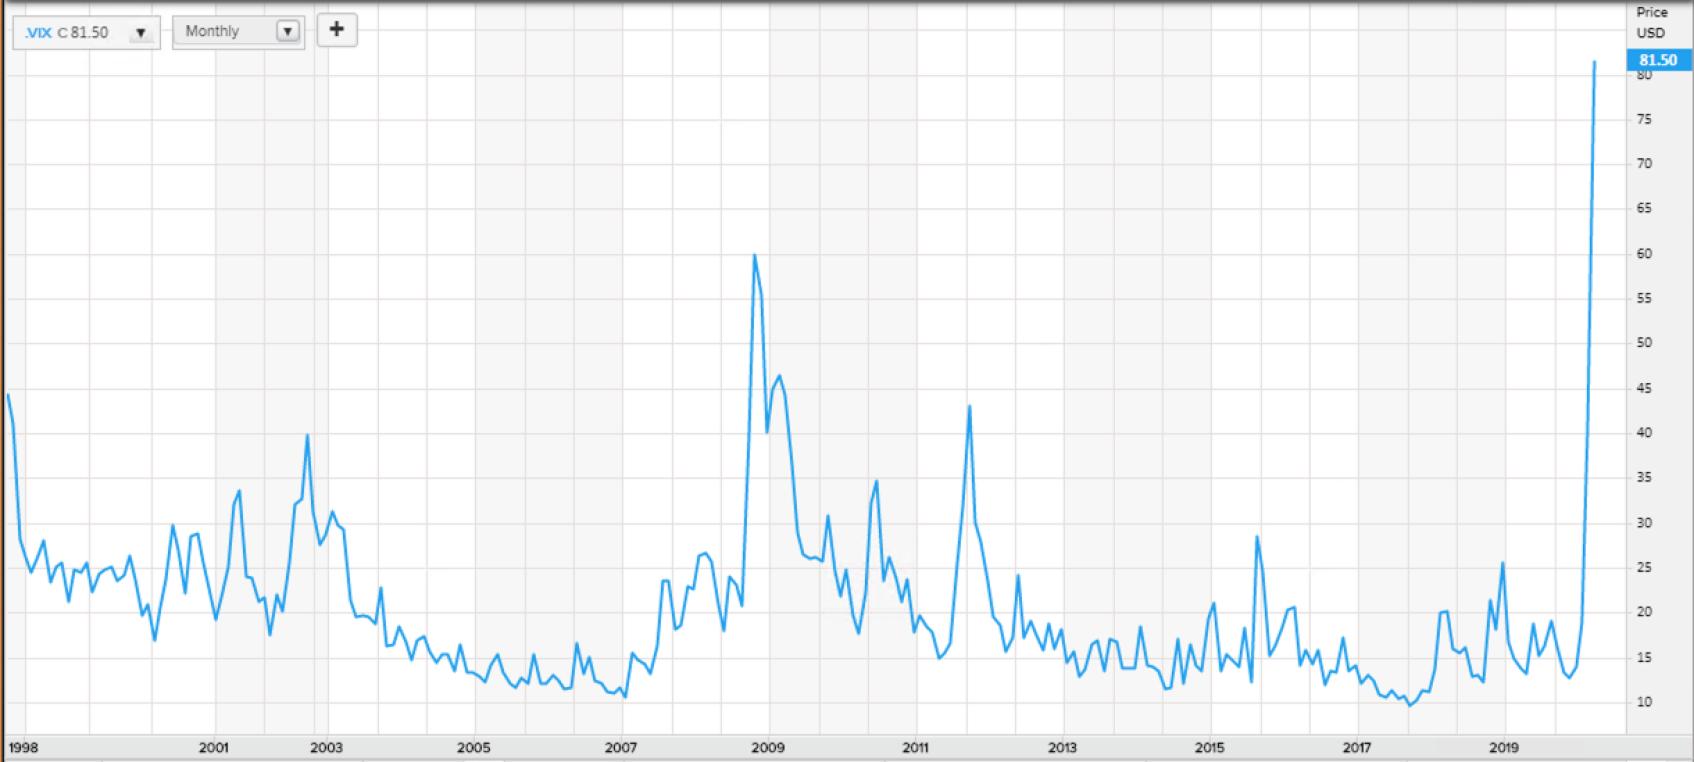 Sturm_Volatilität Aktien USA 1999 - 2020_03